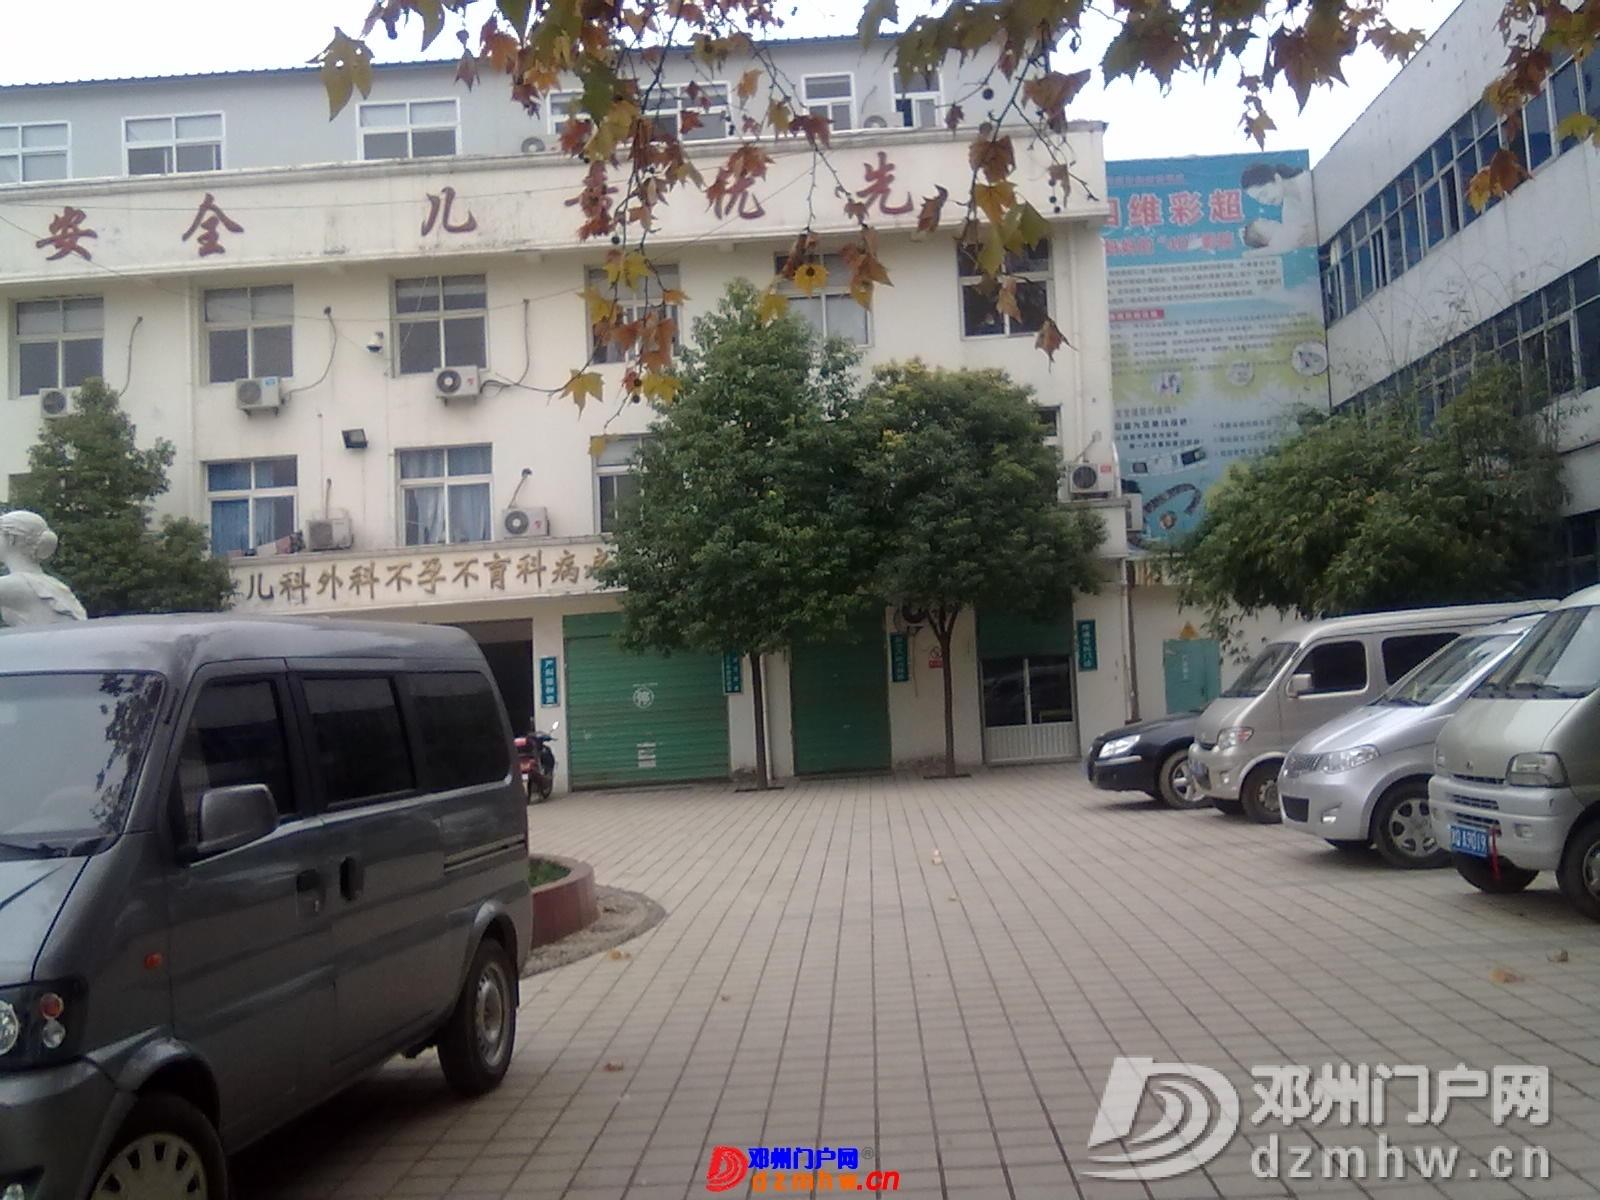 邓州市妇幼保健院 - 邓州门户网|邓州网 - 1324637412081089-1354213985339287.jpg